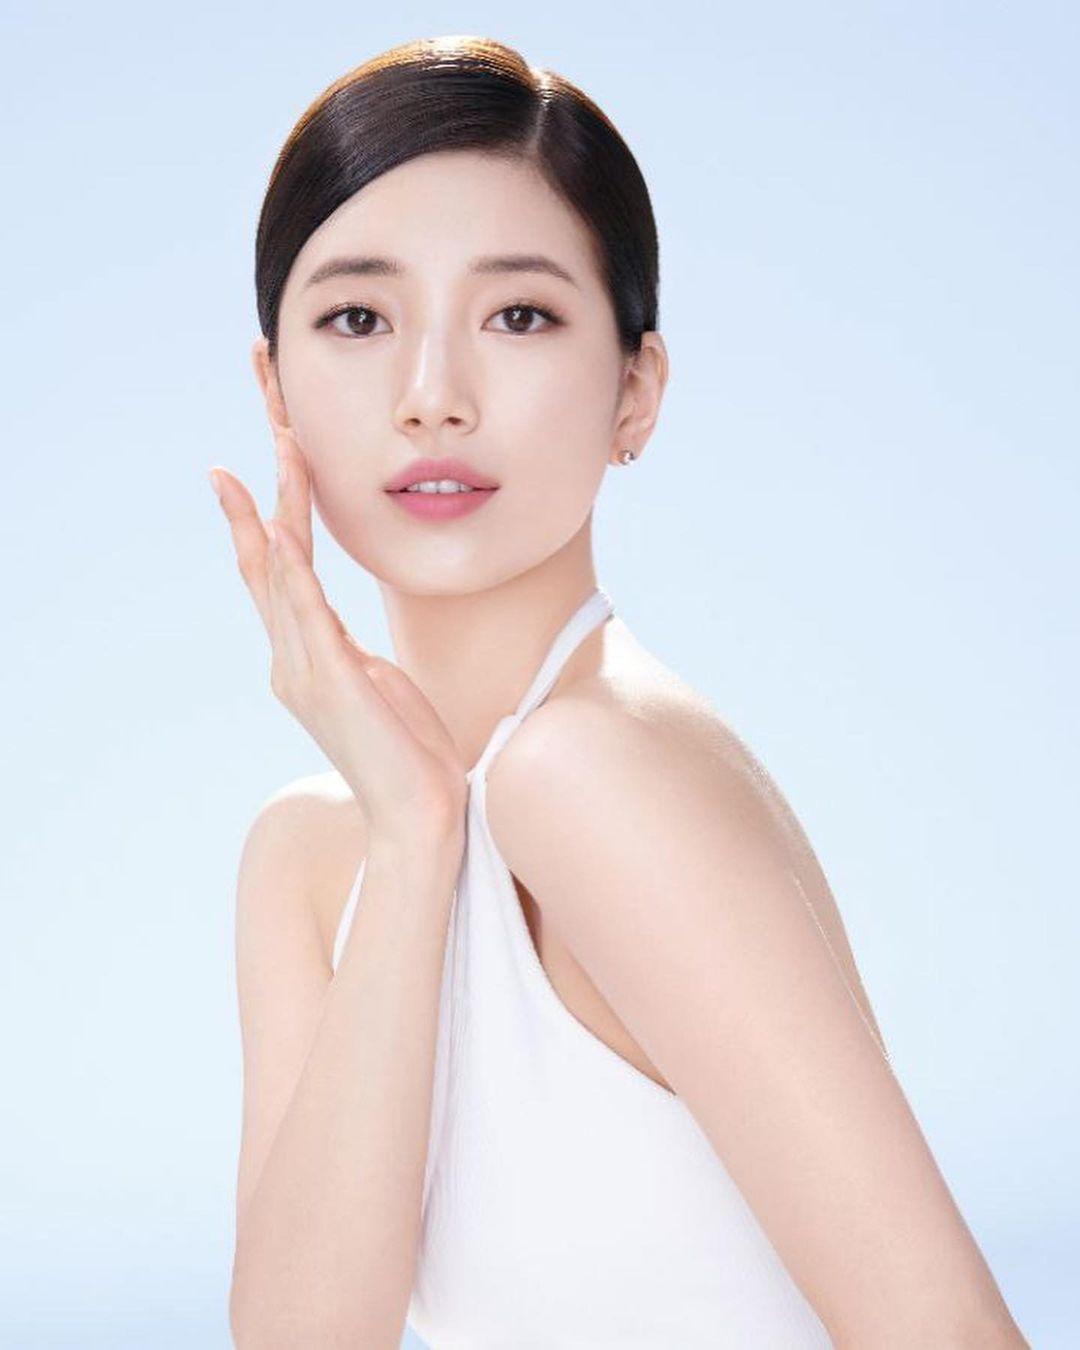 她与韩国知名人气女星同名,新人女团出道,却受到韩国网友的抵制